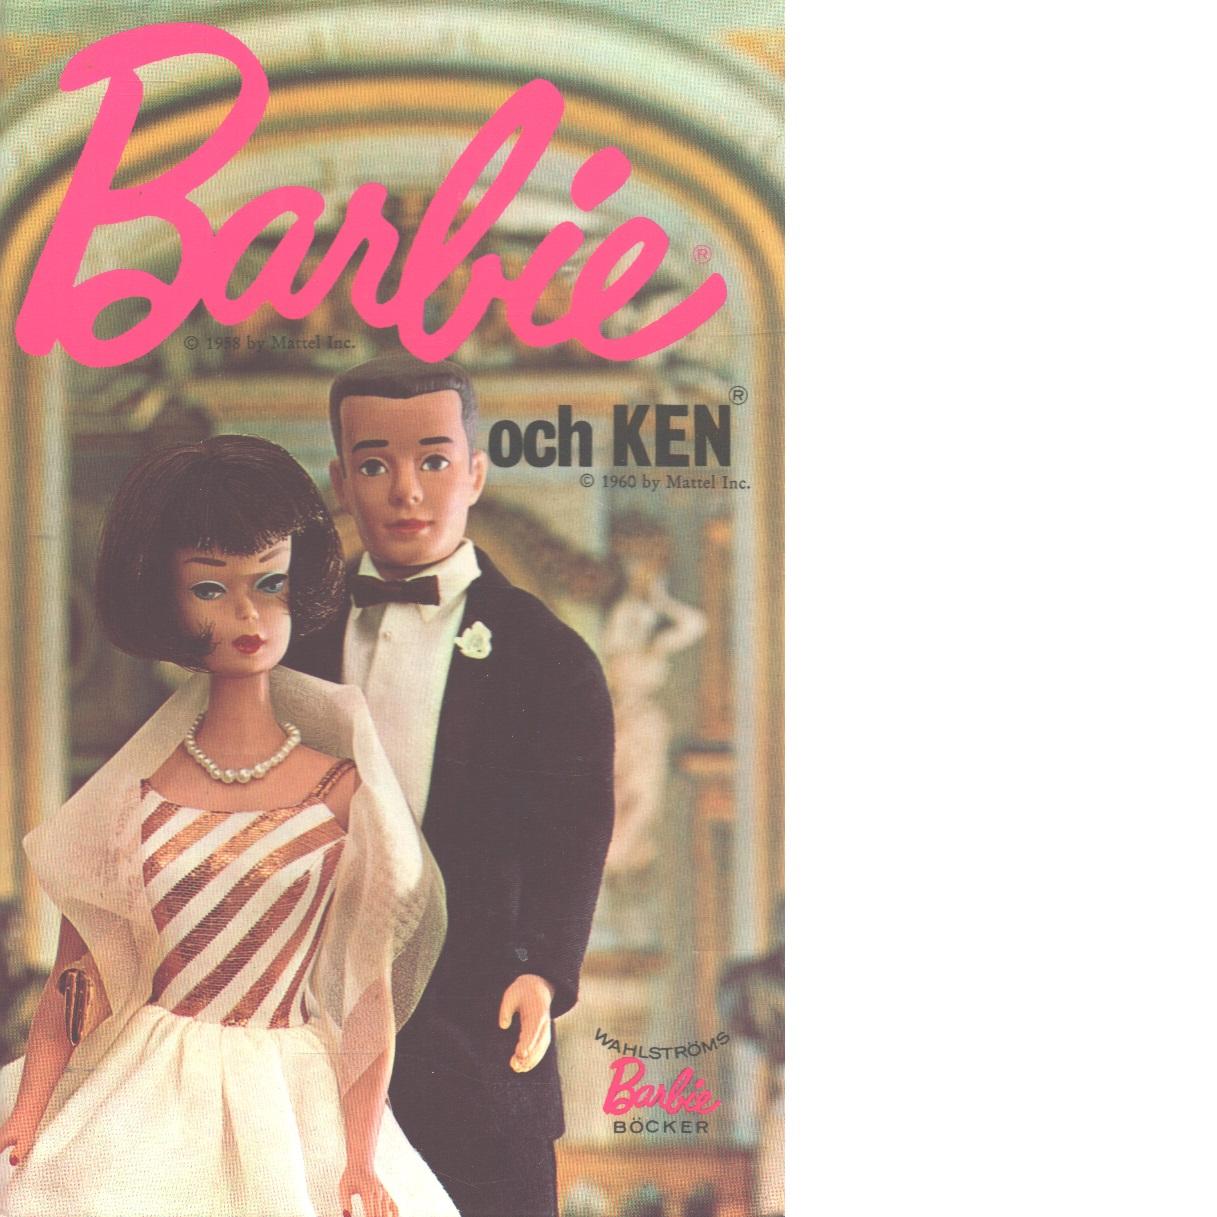 Barbie och Ken - Lawrence, Cynthia Och Maybee, Bette Lou